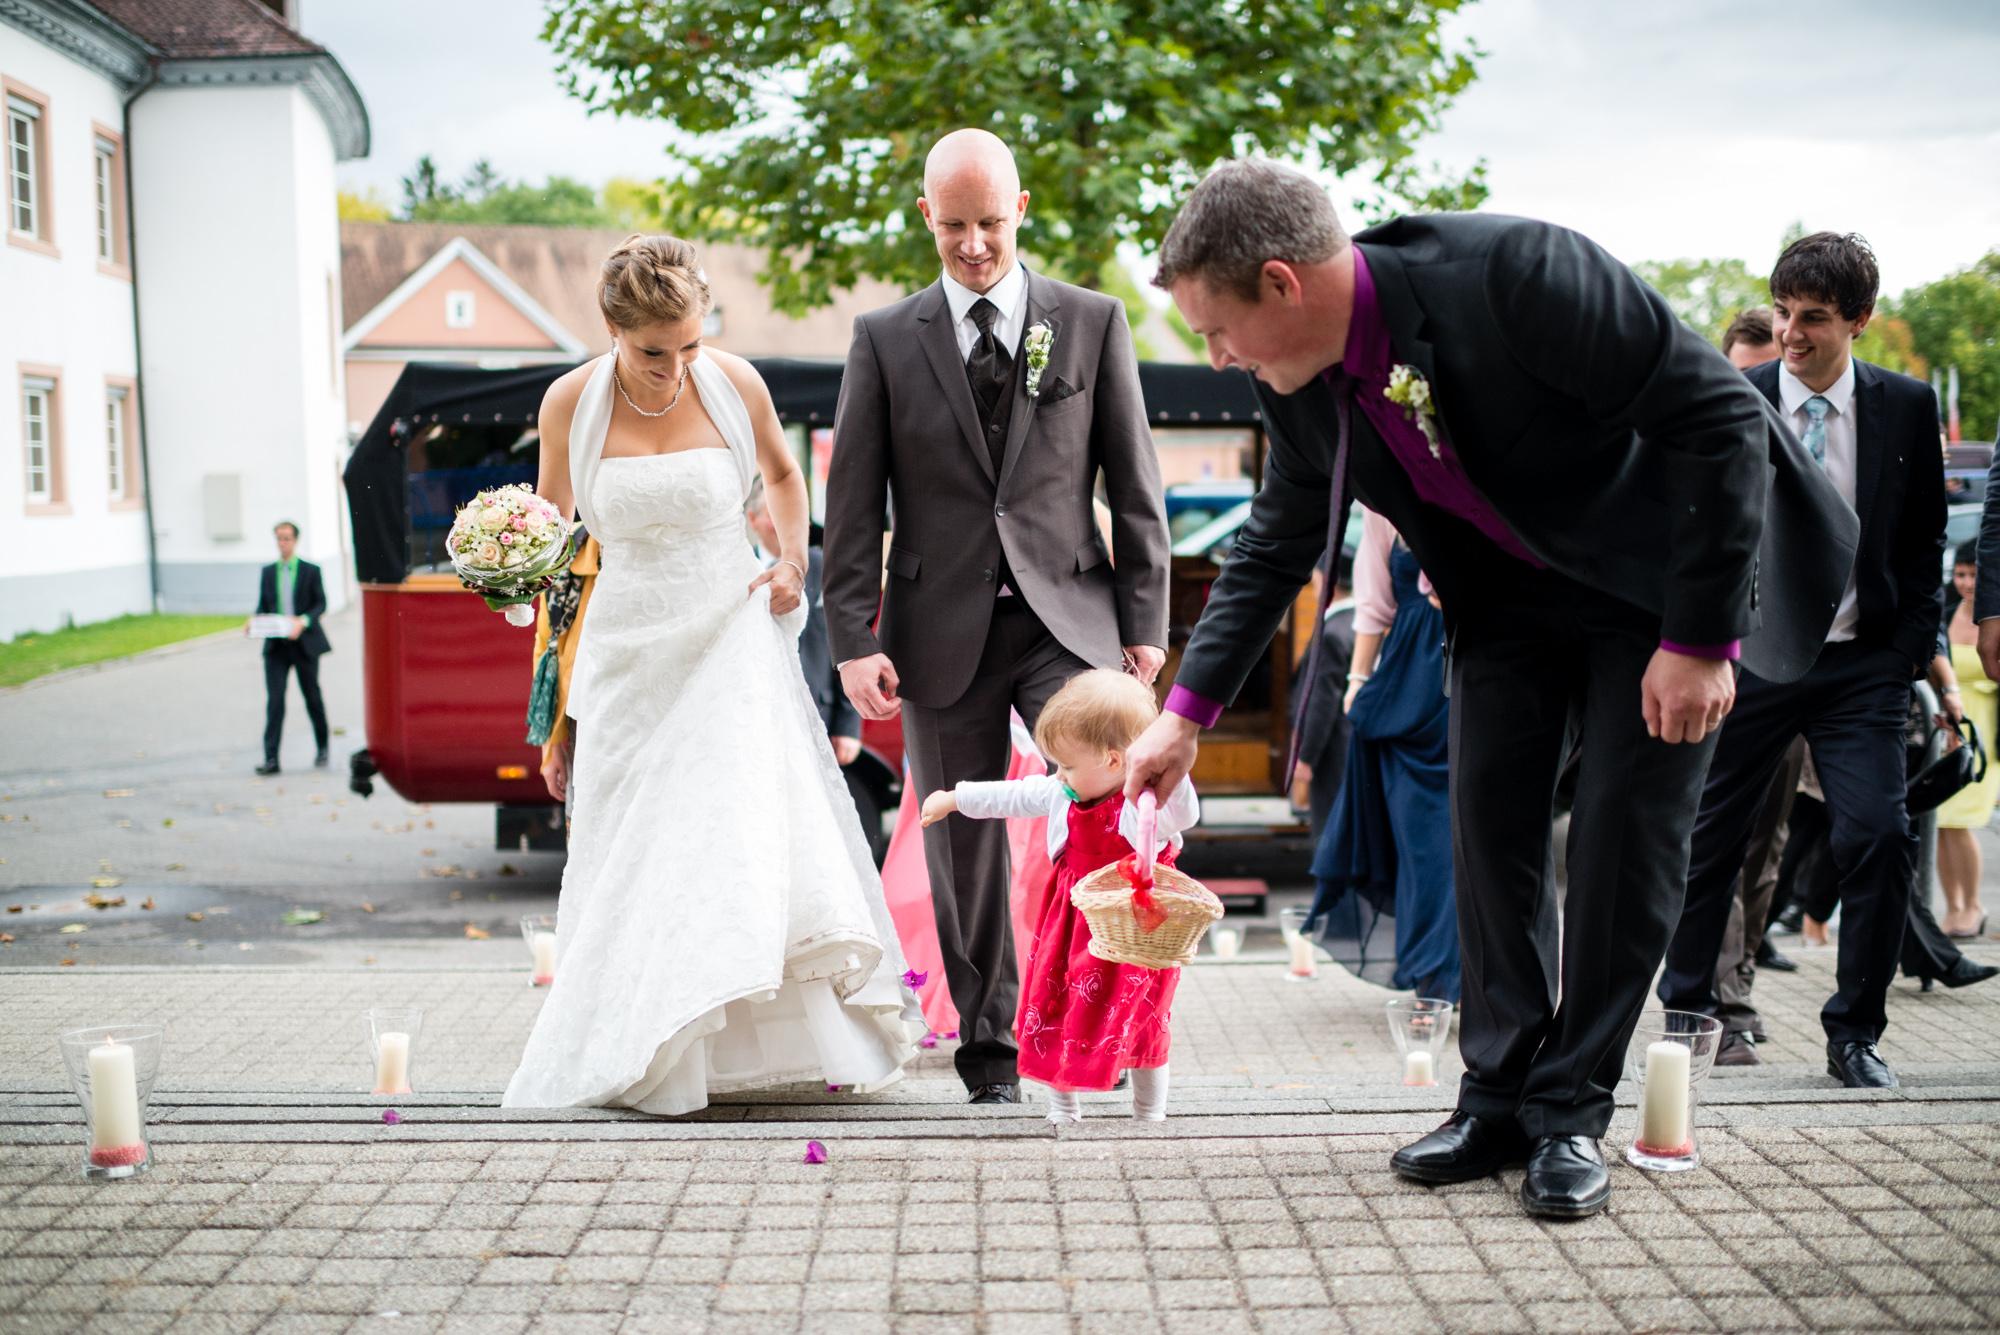 Fotograf Konstanz - Hochzeit Katja und Christian 98 - Als Hochzeitsfotograf in Bad Dürrheim unterwegs  - 49 -